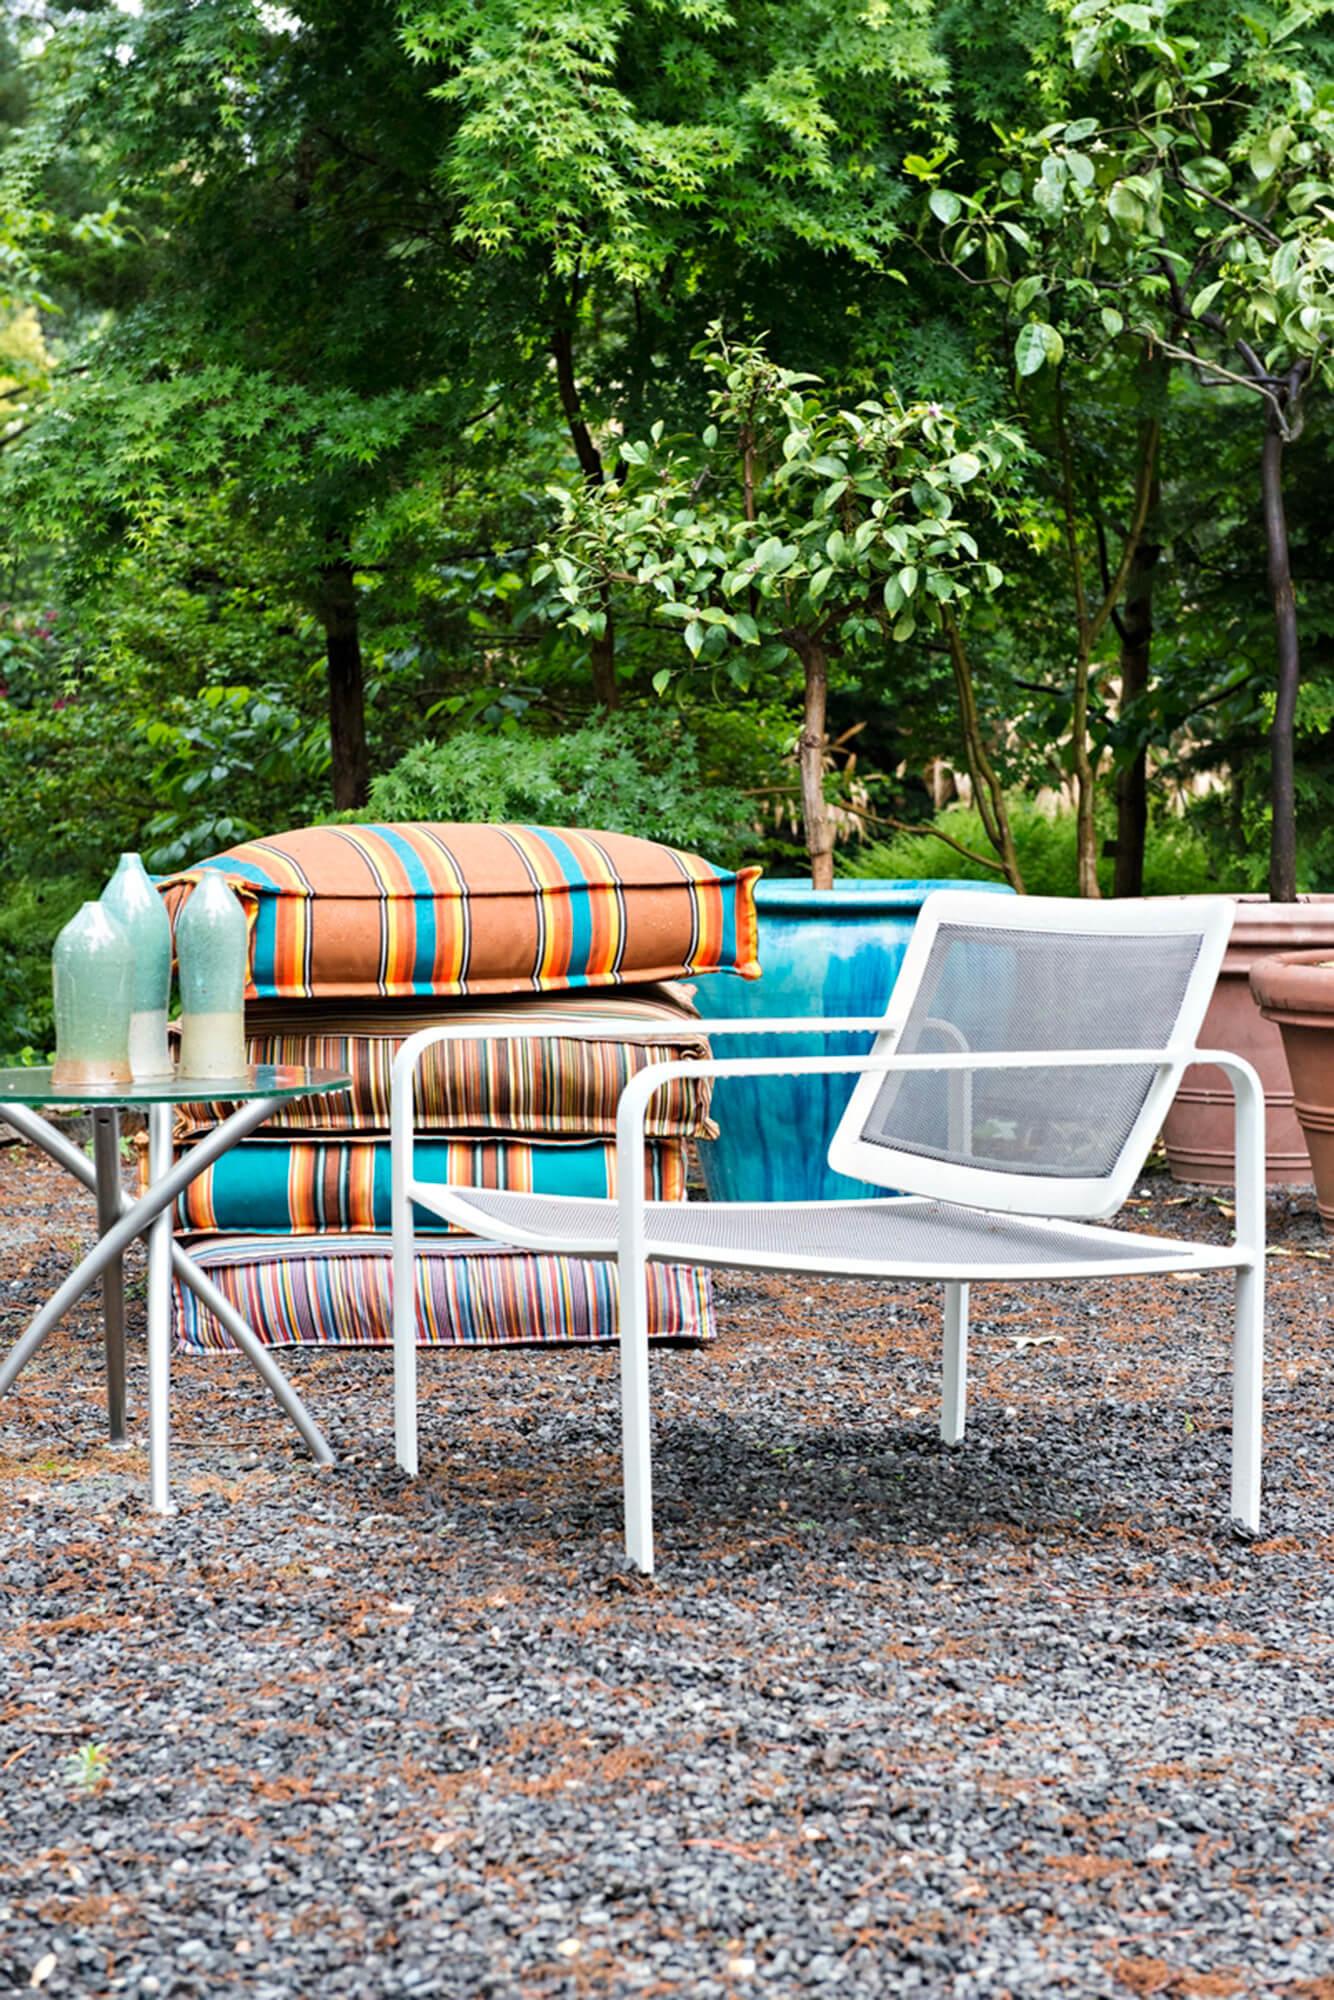 กองหมอนรองพื้นที่ด้านหลังเก้าอี้สนามในสวน